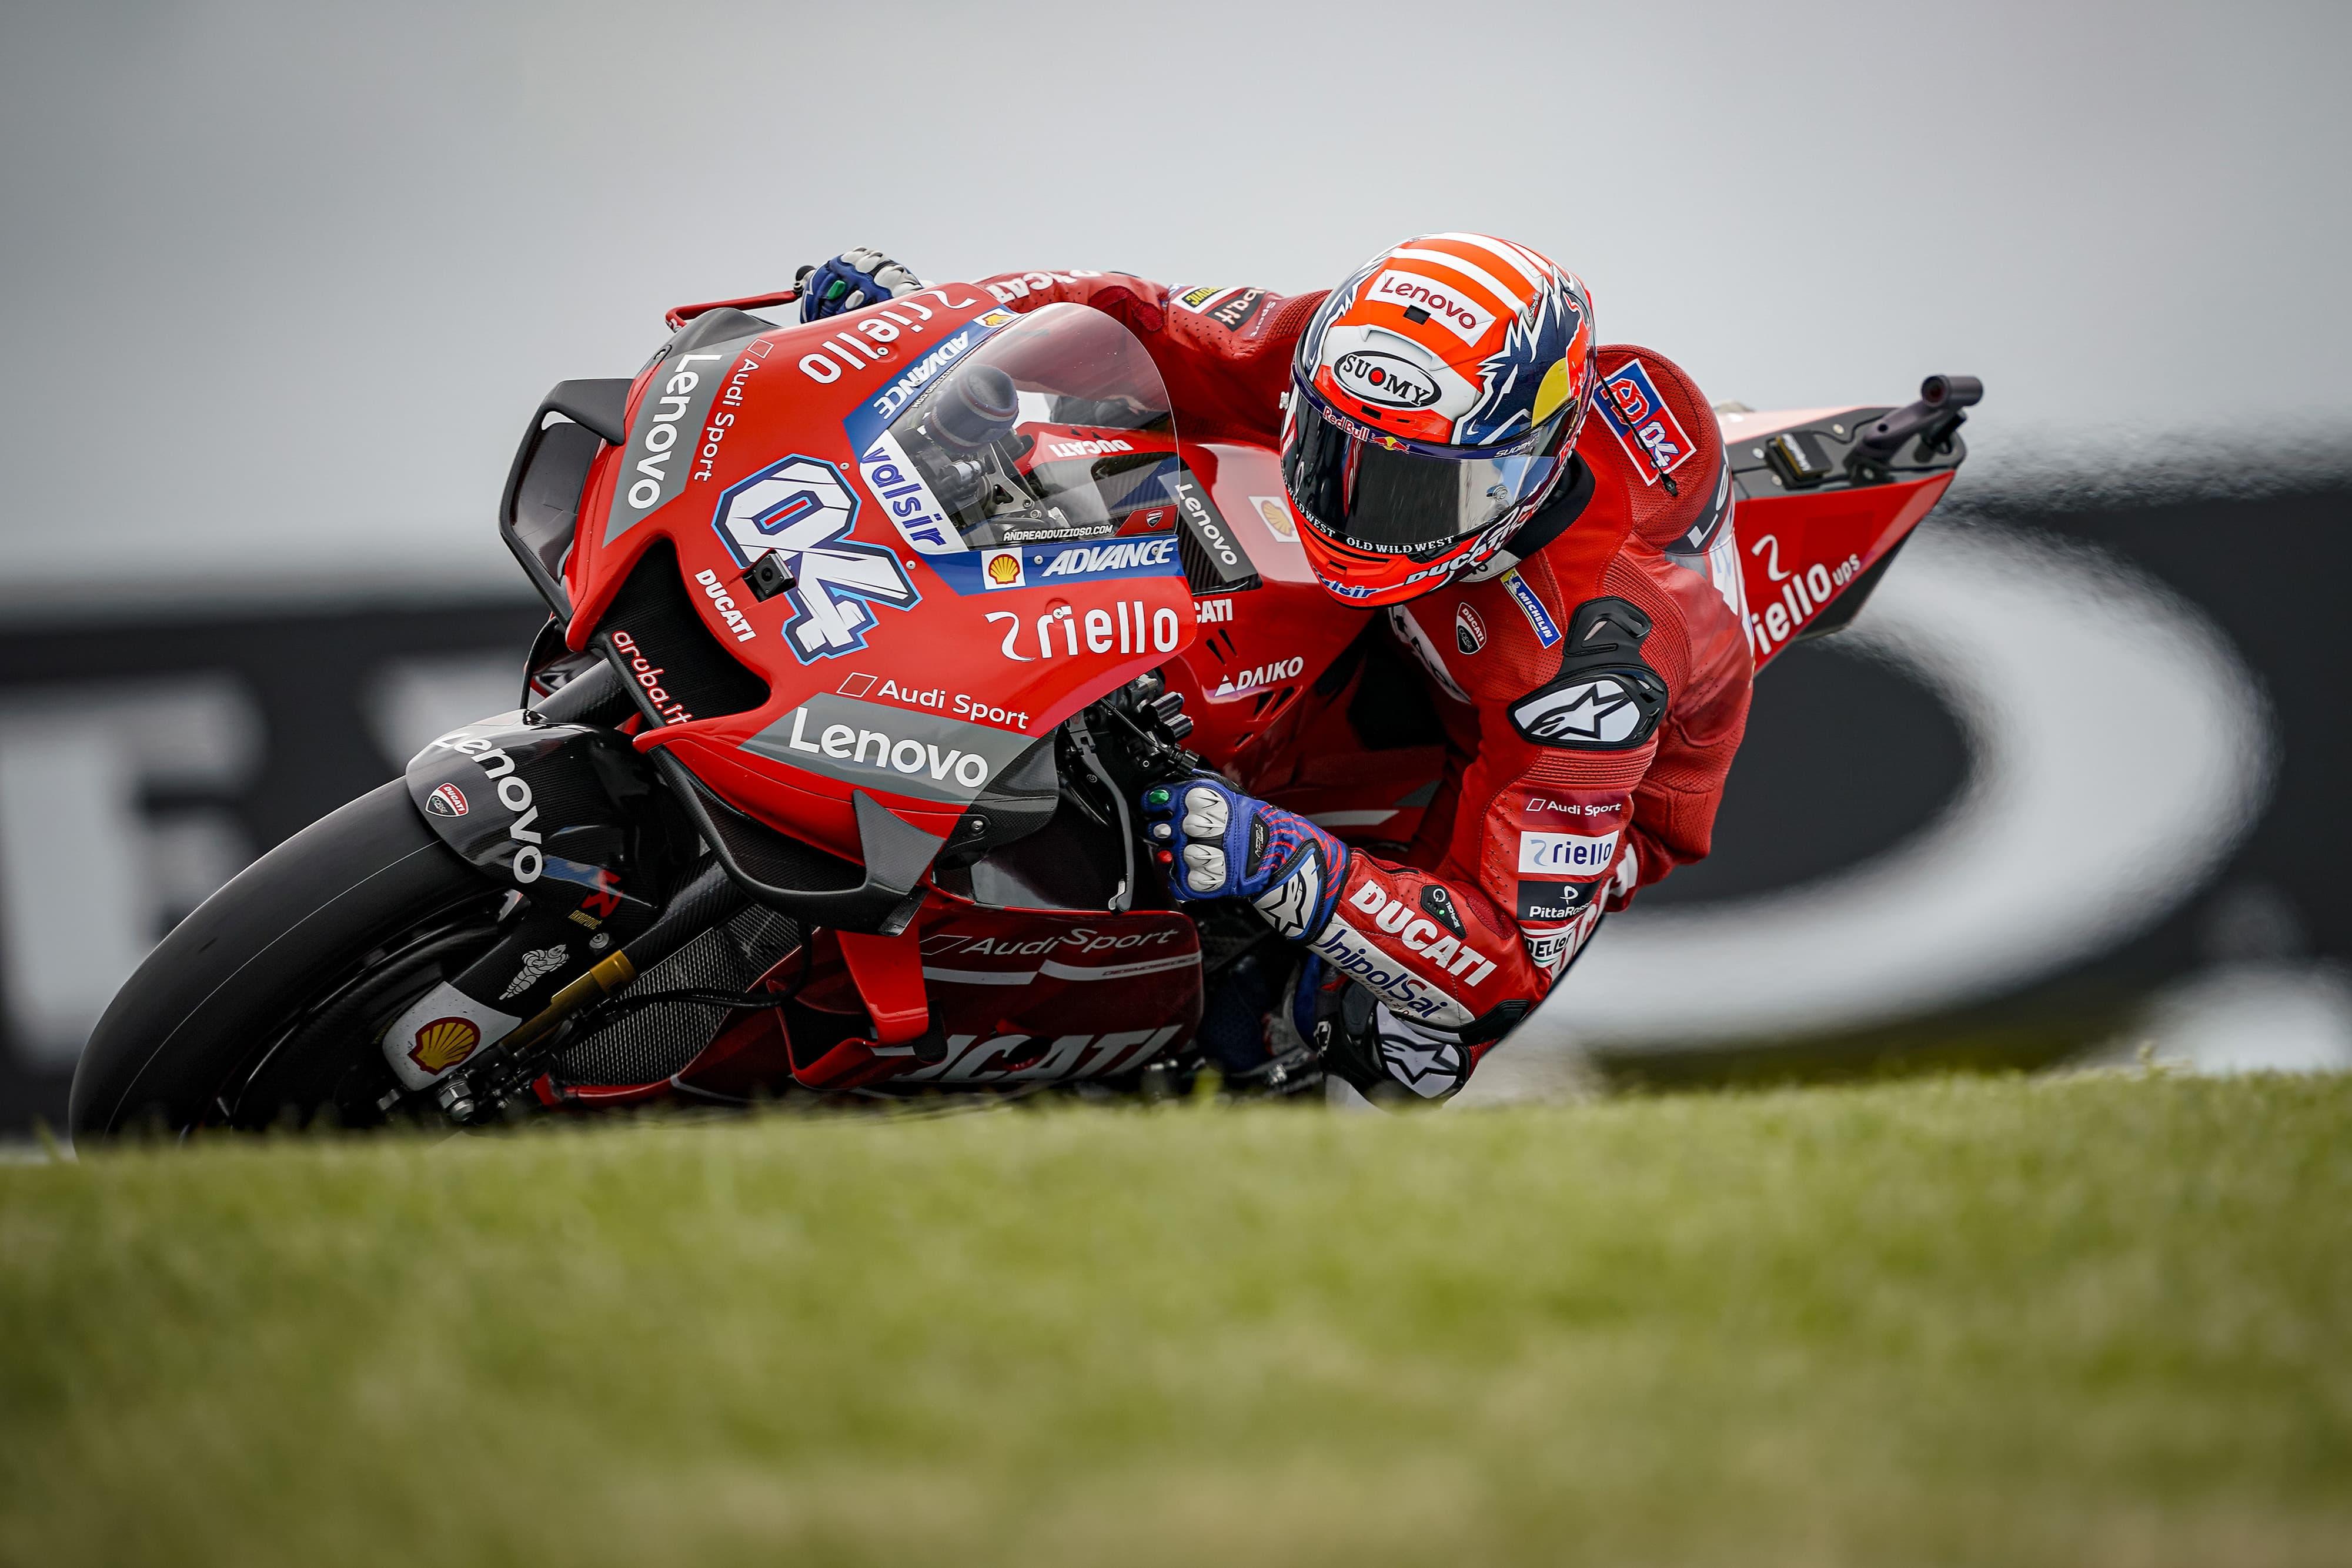 MotoGP2019オーストラリアGP 7位ドヴィツィオーゾ「3位表彰台のチャンスがあったのに残念」